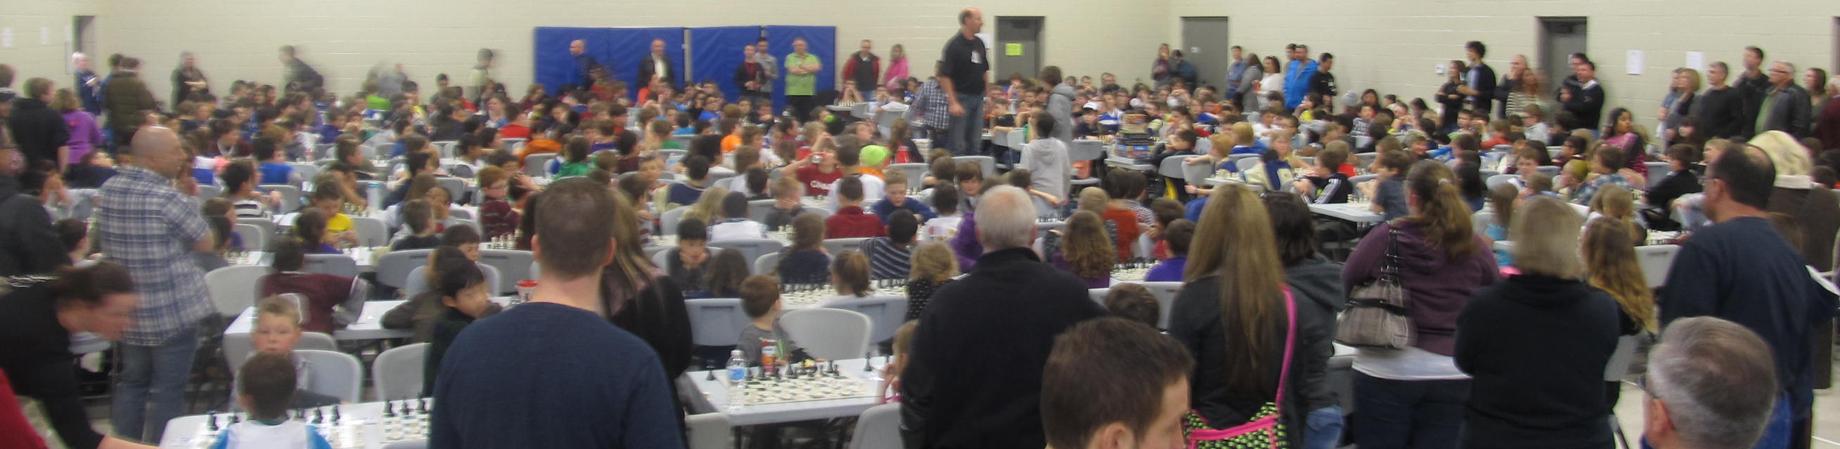 DSBN Chess Tournament